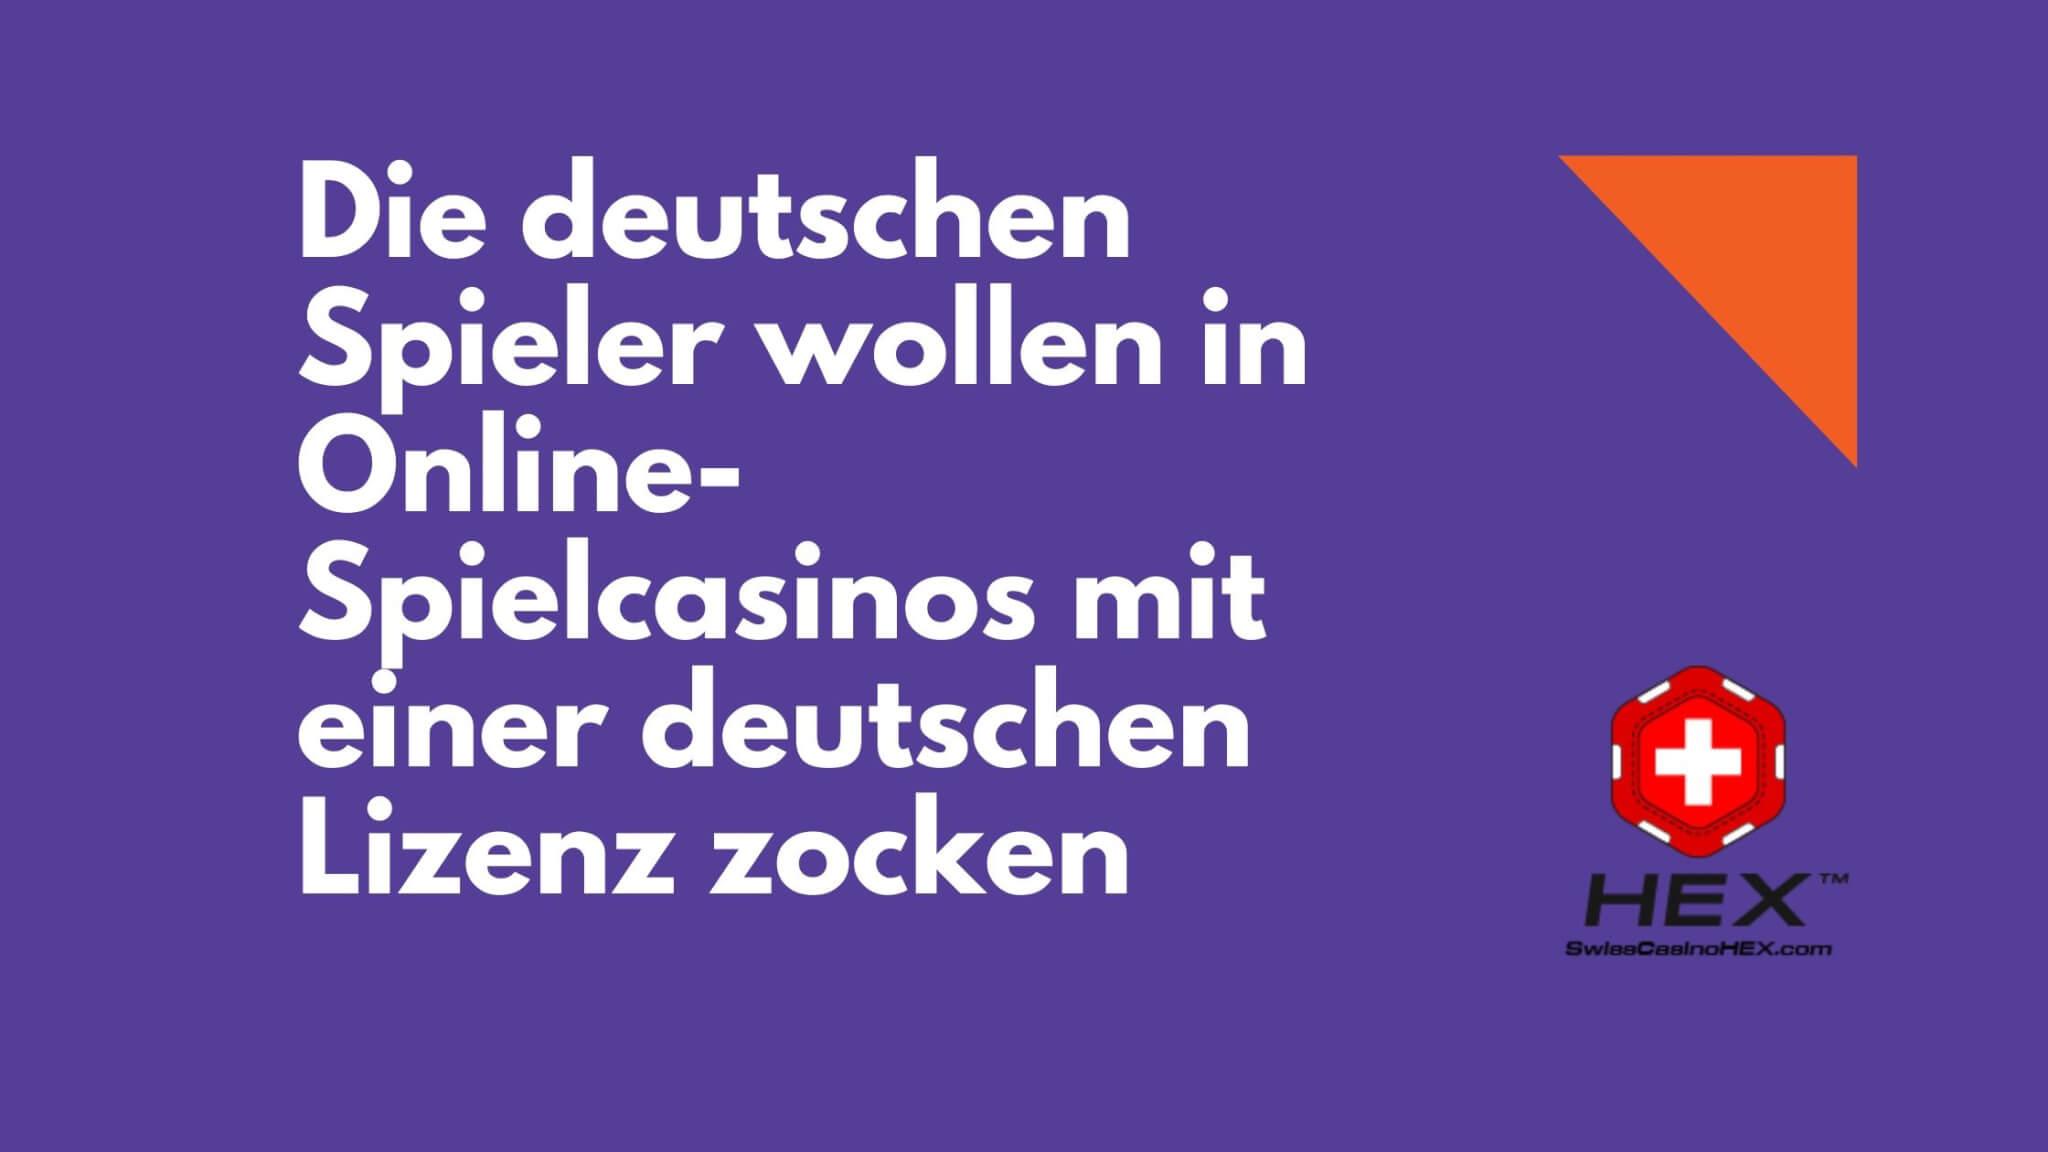 Spielcasinos In Deutschland